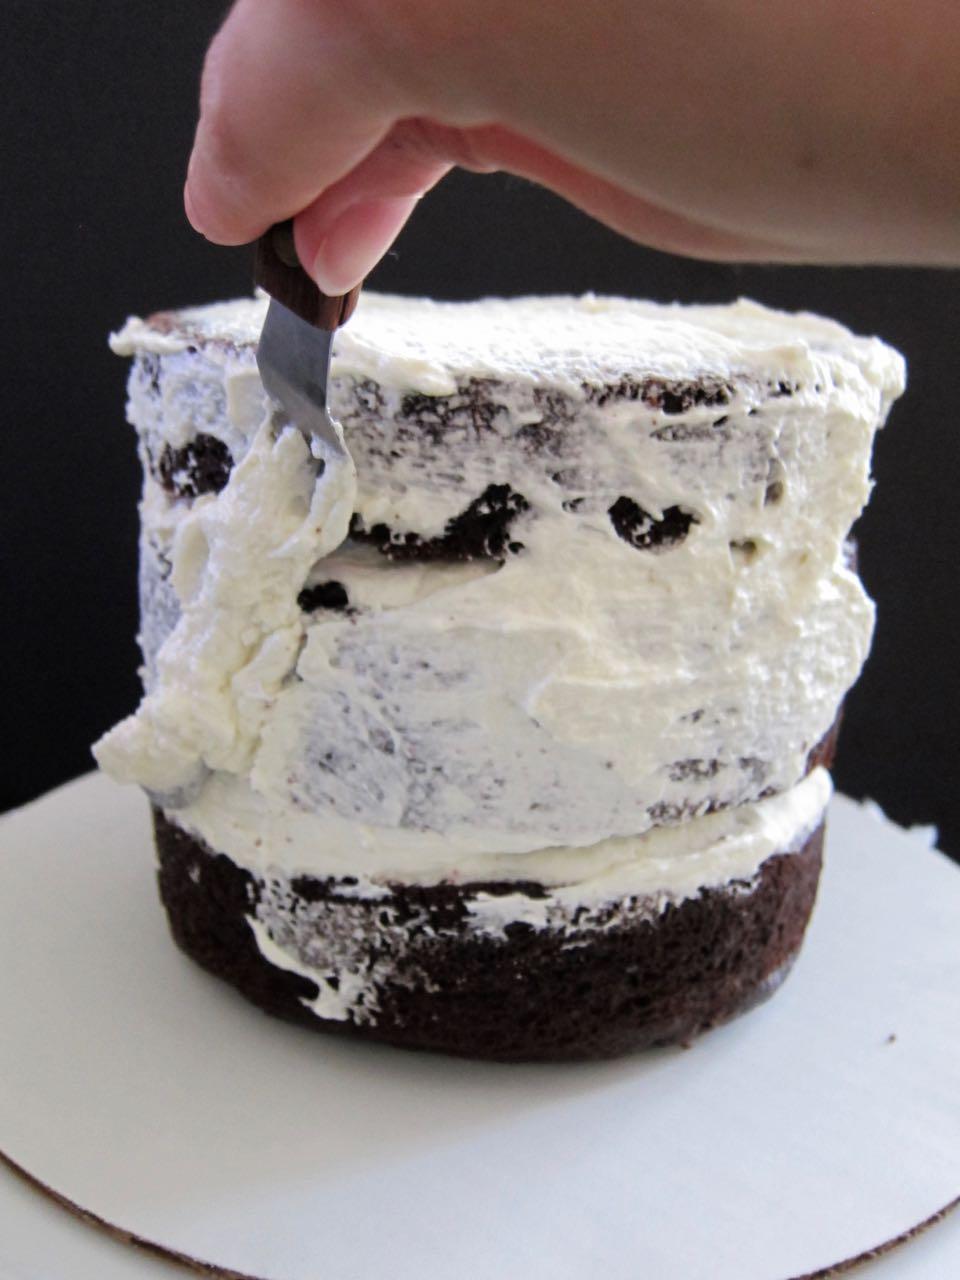 crumb coating cake.jpg